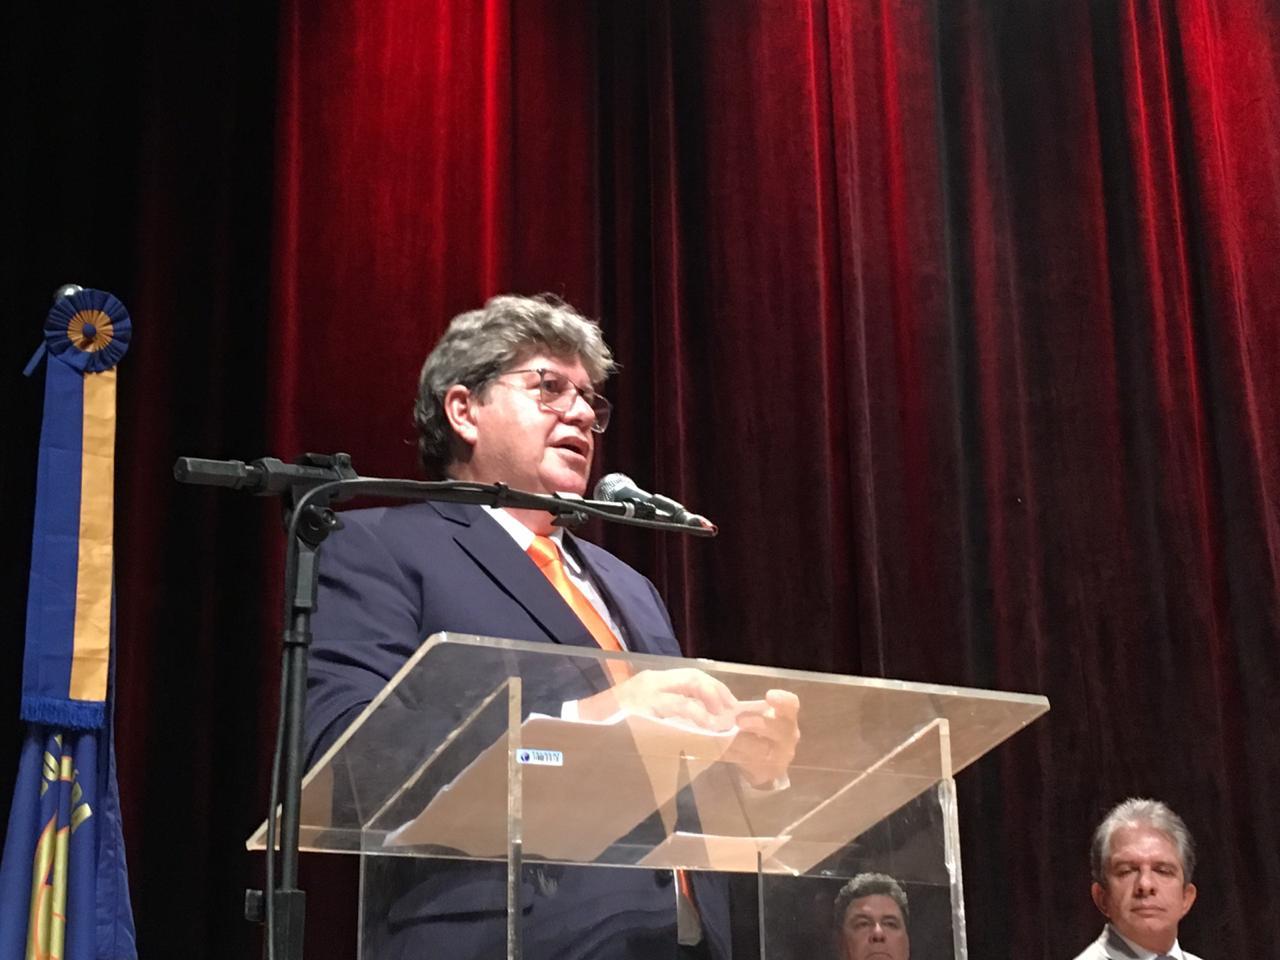 5bceeaac 67ad 4f84 ab49 b3068490ce4f 1 - O POVO NO PODER: 'Os interesses dos paraibanos continuarão acima durante a gestão', diz João Azevedo durante discurso de posse